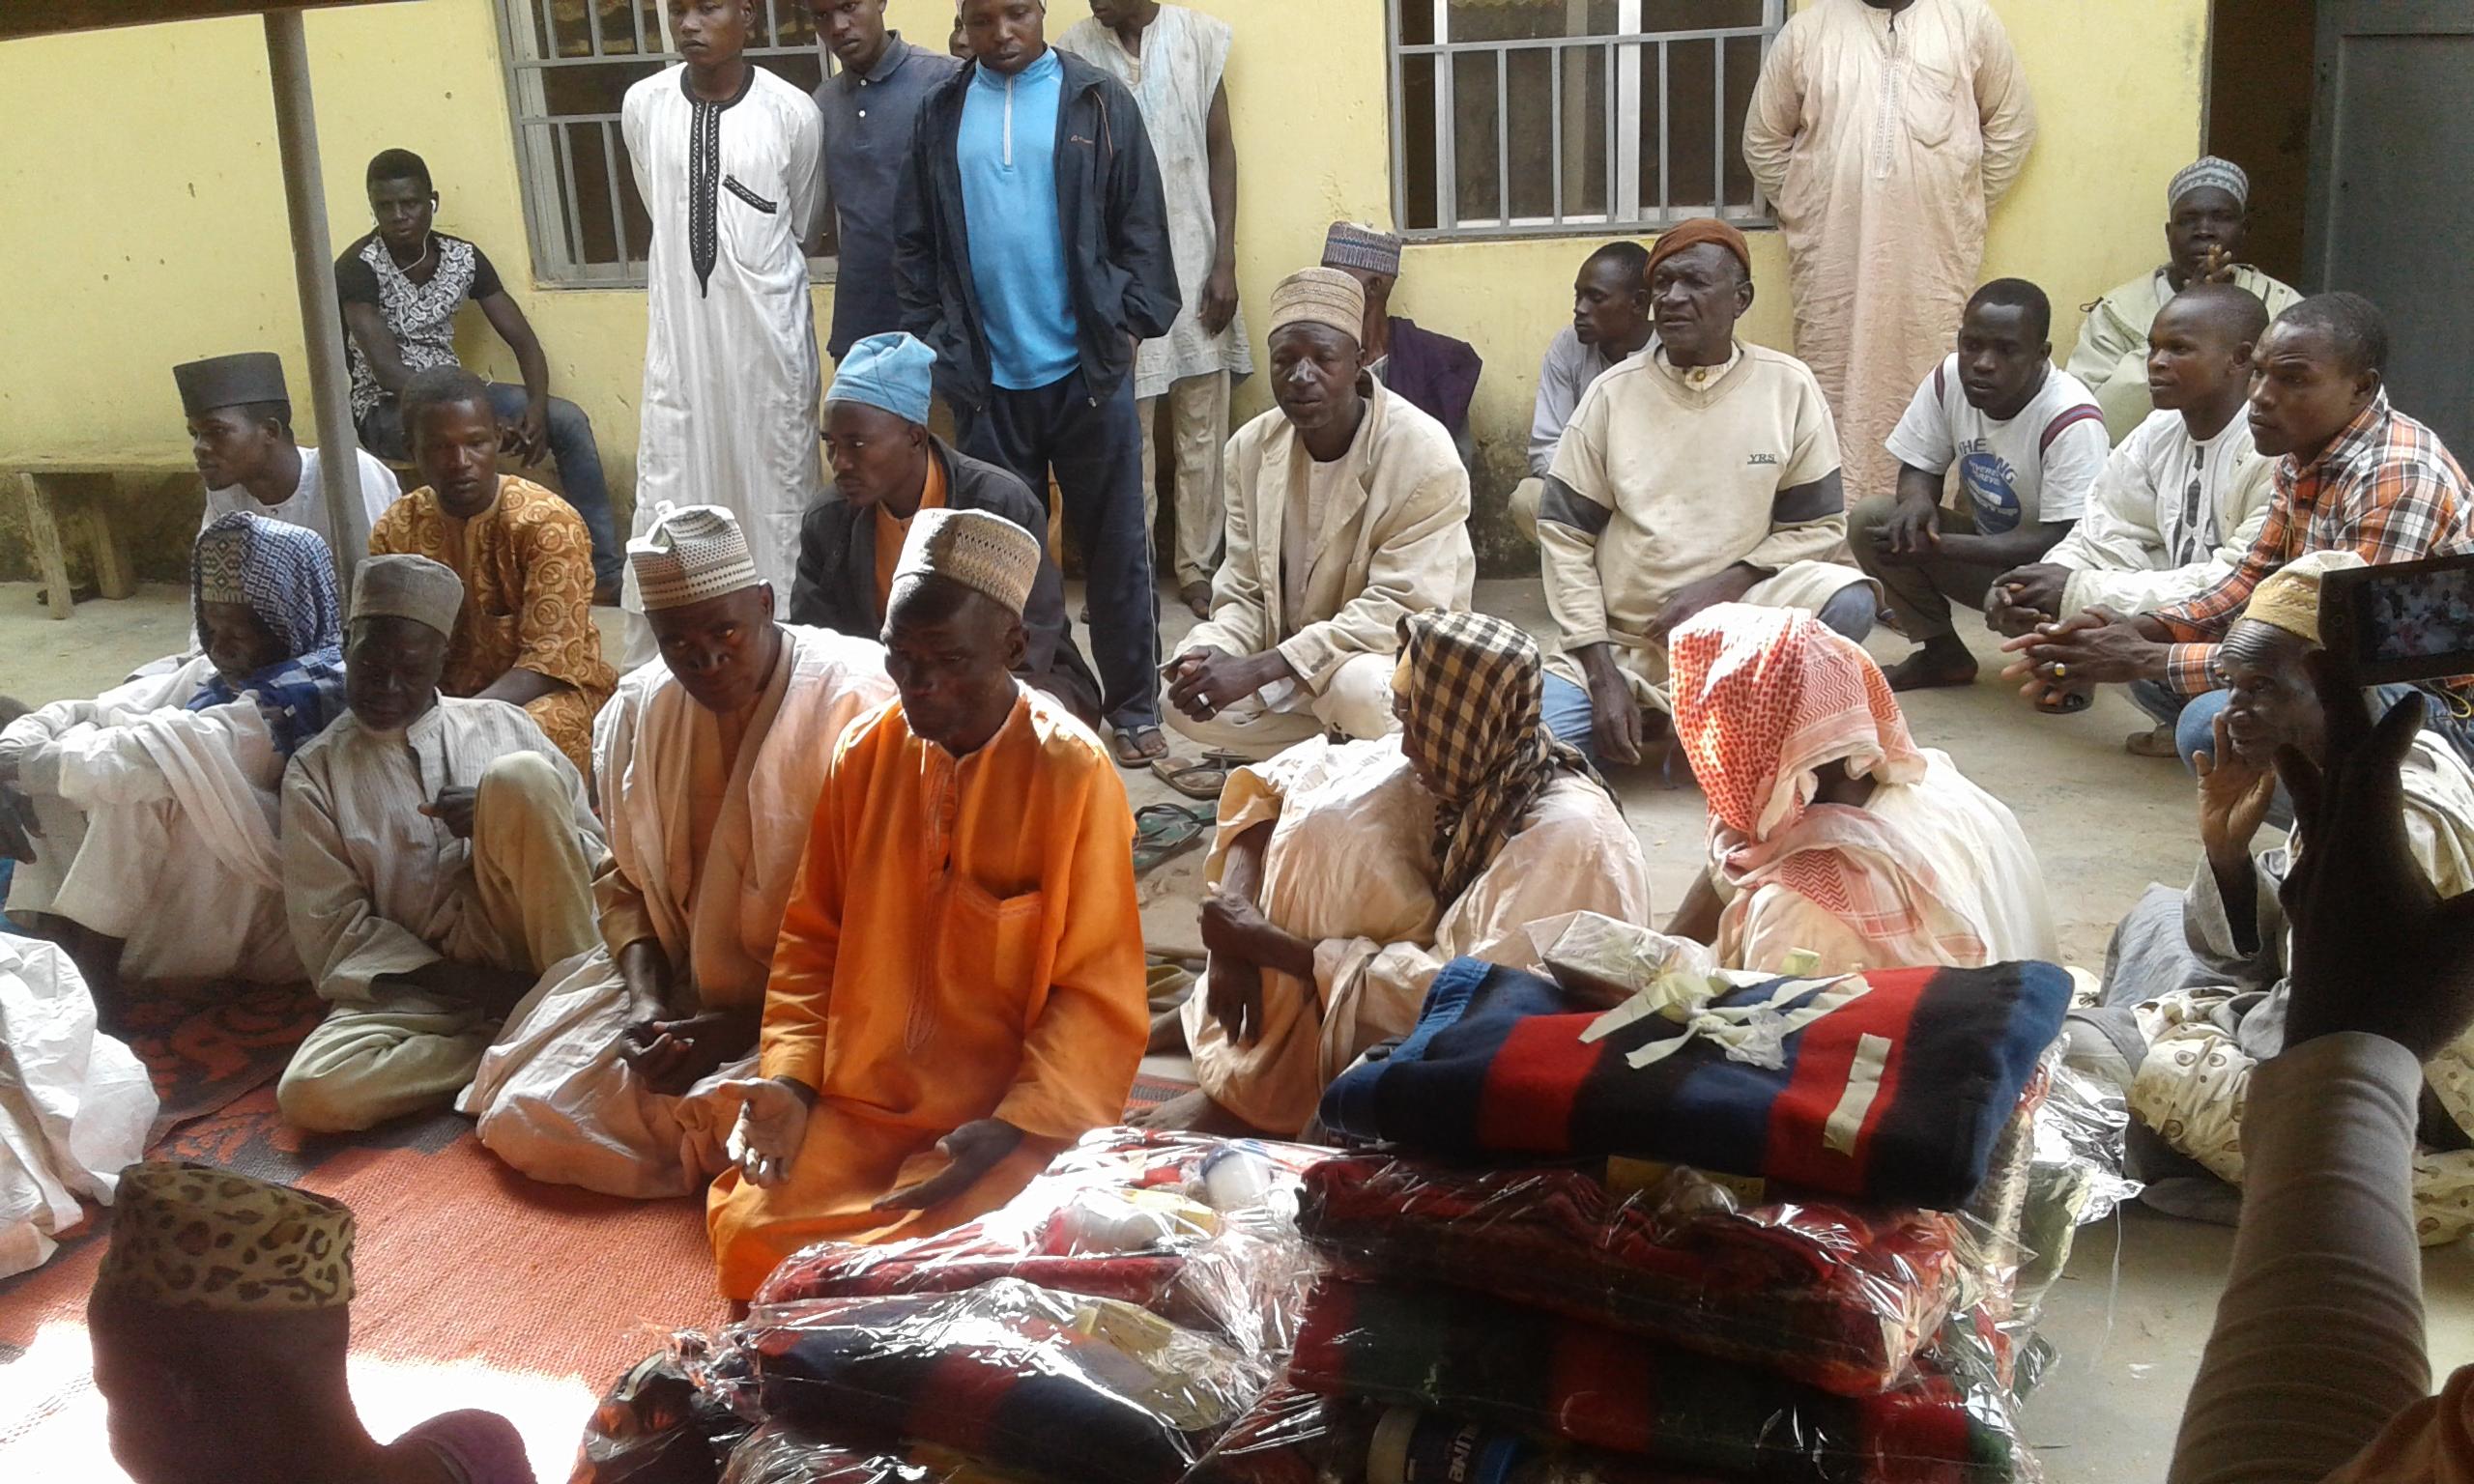 Al'ummar karkara na bukatar taimako-Abdurrahman Dambazau